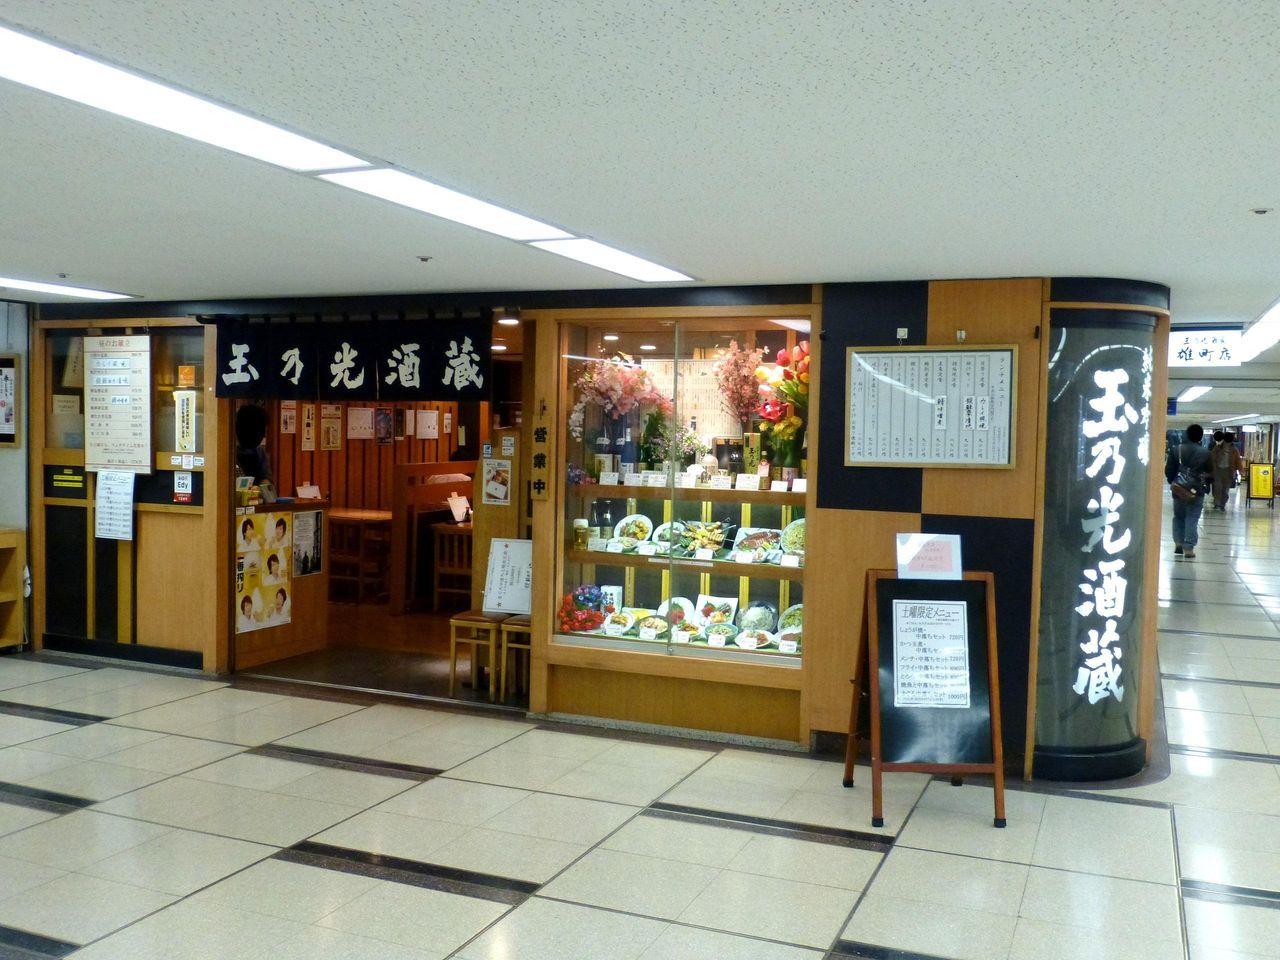 お店は、明るく清潔な雰囲気です!